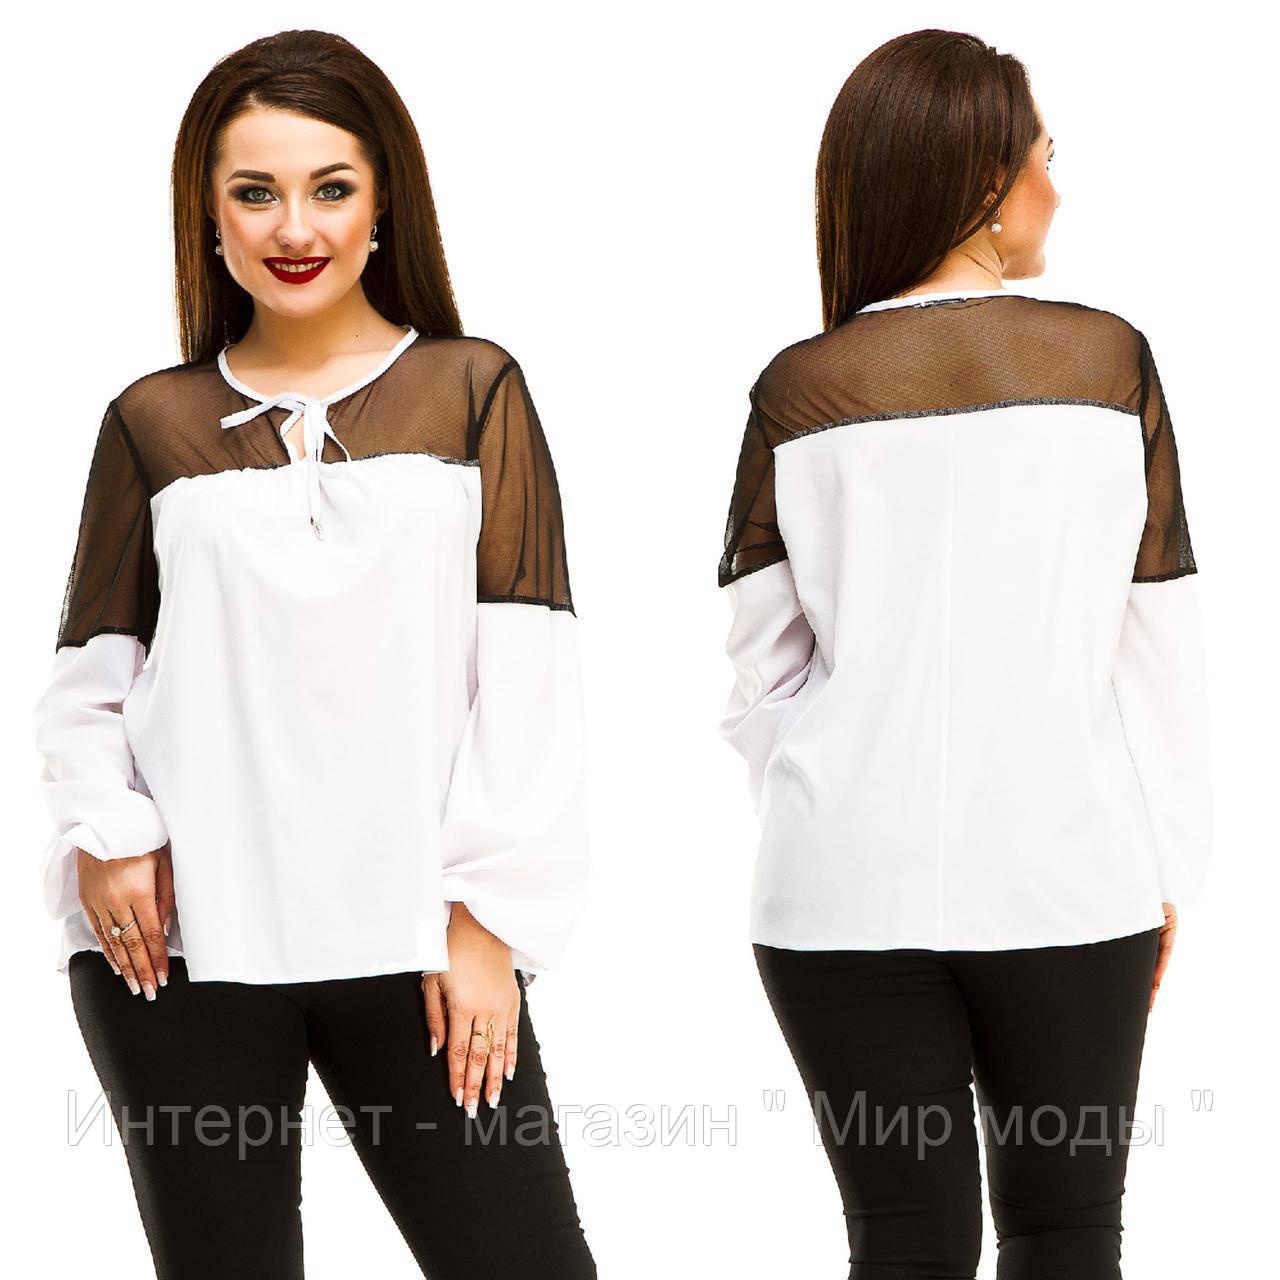 Свободная блузка с рукавами фонариками и сеточными вставками батал  Код 679595068 c7bc42ada7c